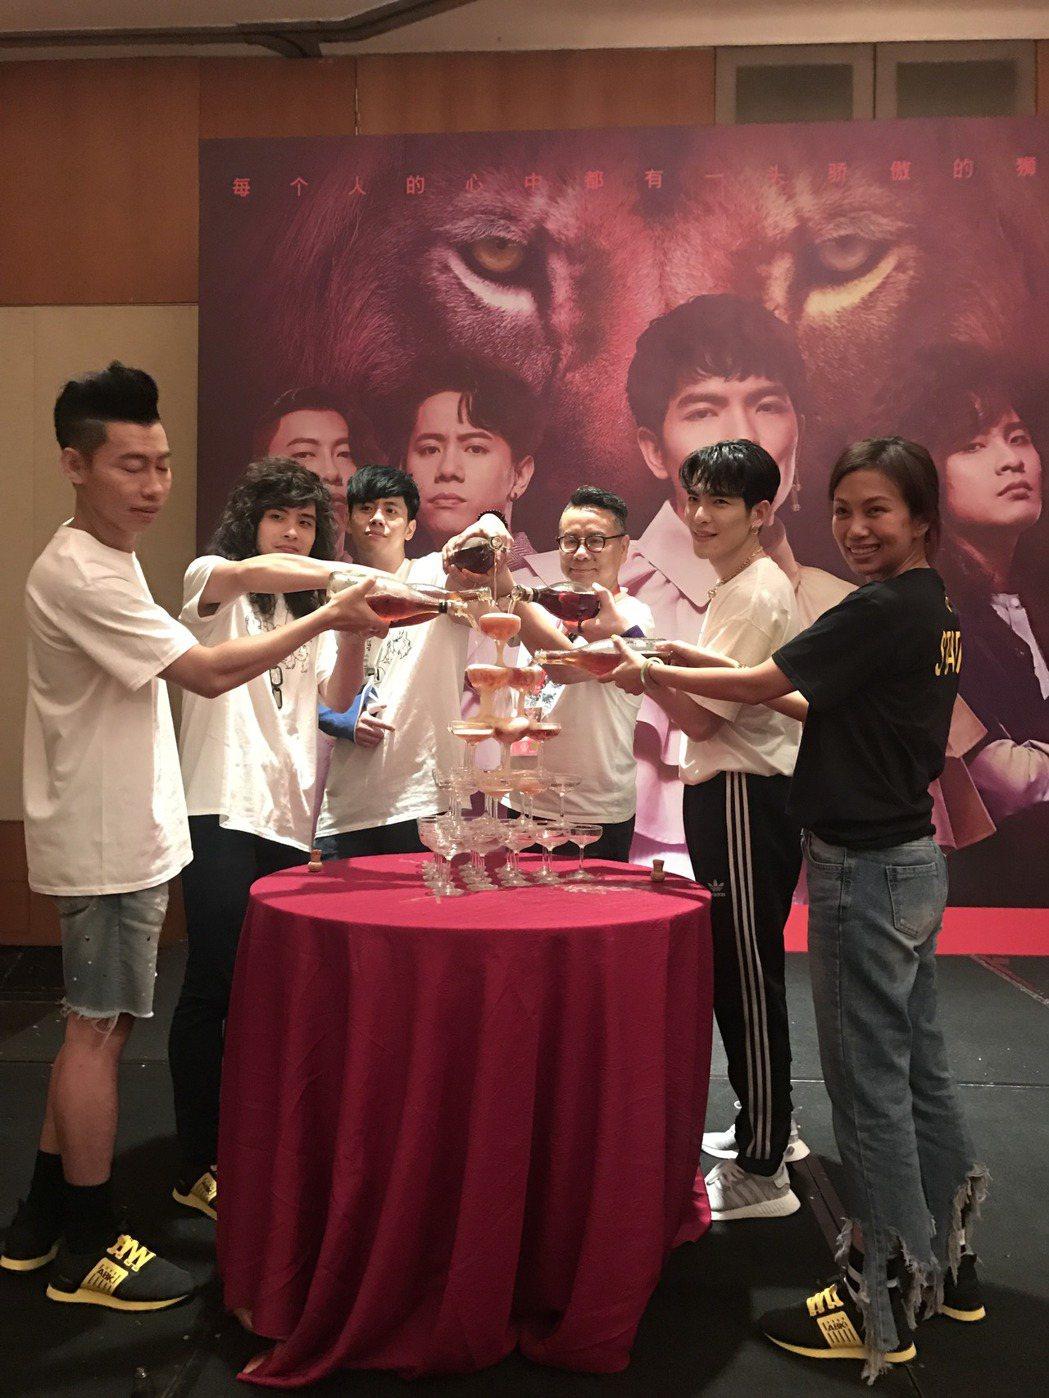 獅子合唱團22日在北京開唱,慶功宴開心舉杯。記者梅衍儂/攝影